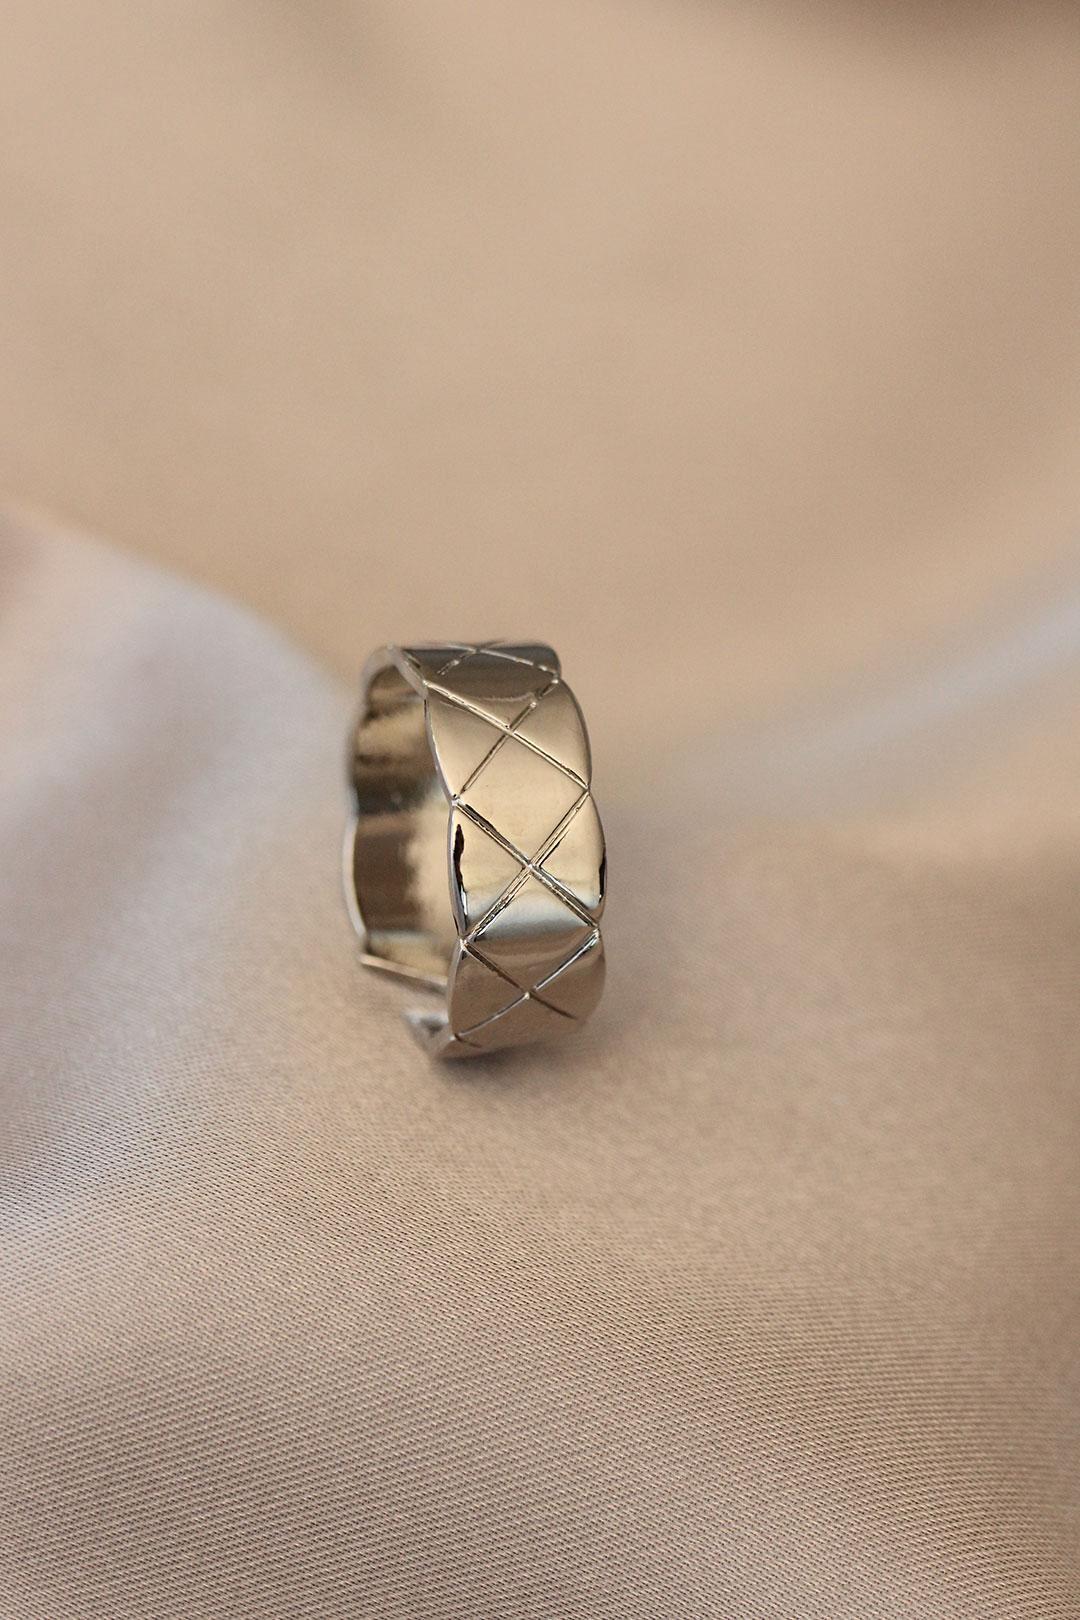 Çizgili Kalın Gümüş Renk Ayarlamalı Metal Yüzük